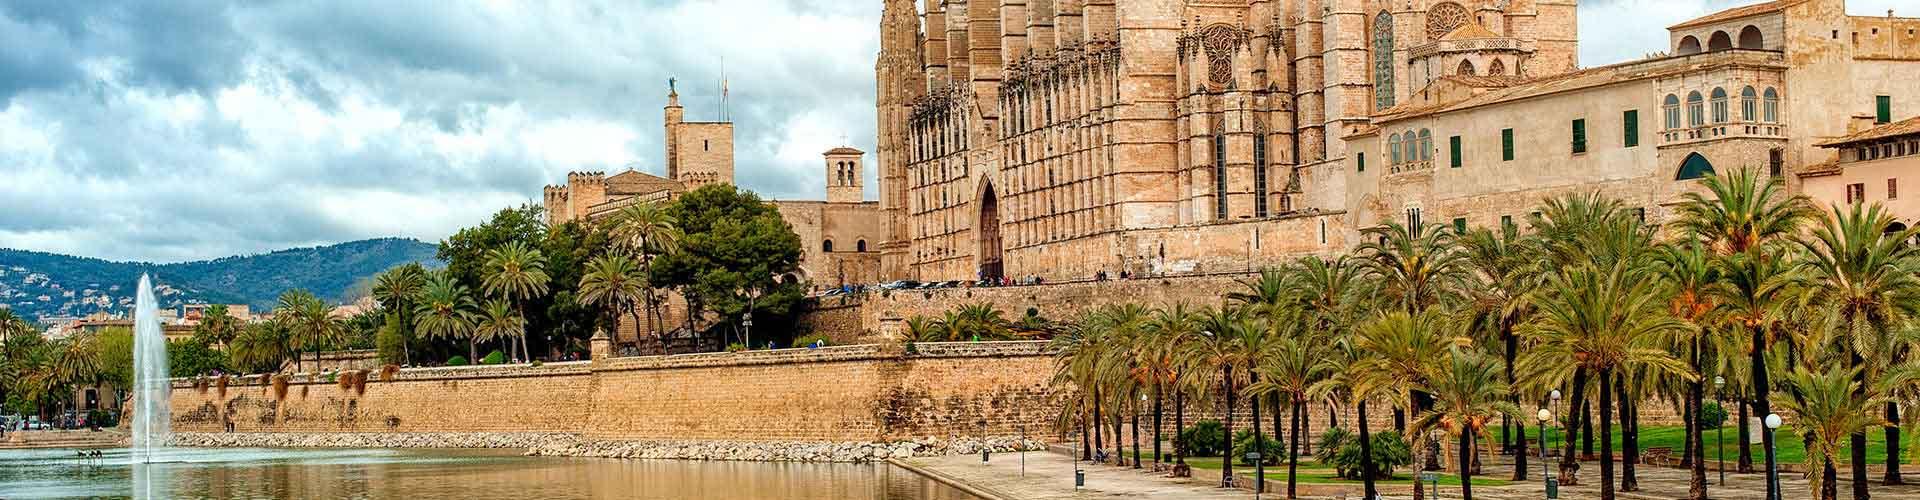 Palma de Mallorca - Auberges de jeunesse à Palma de Mallorca. Cartes pour Palma de Mallorca, photos et commentaires pour chaque auberge de jeunesse à Palma de Mallorca.